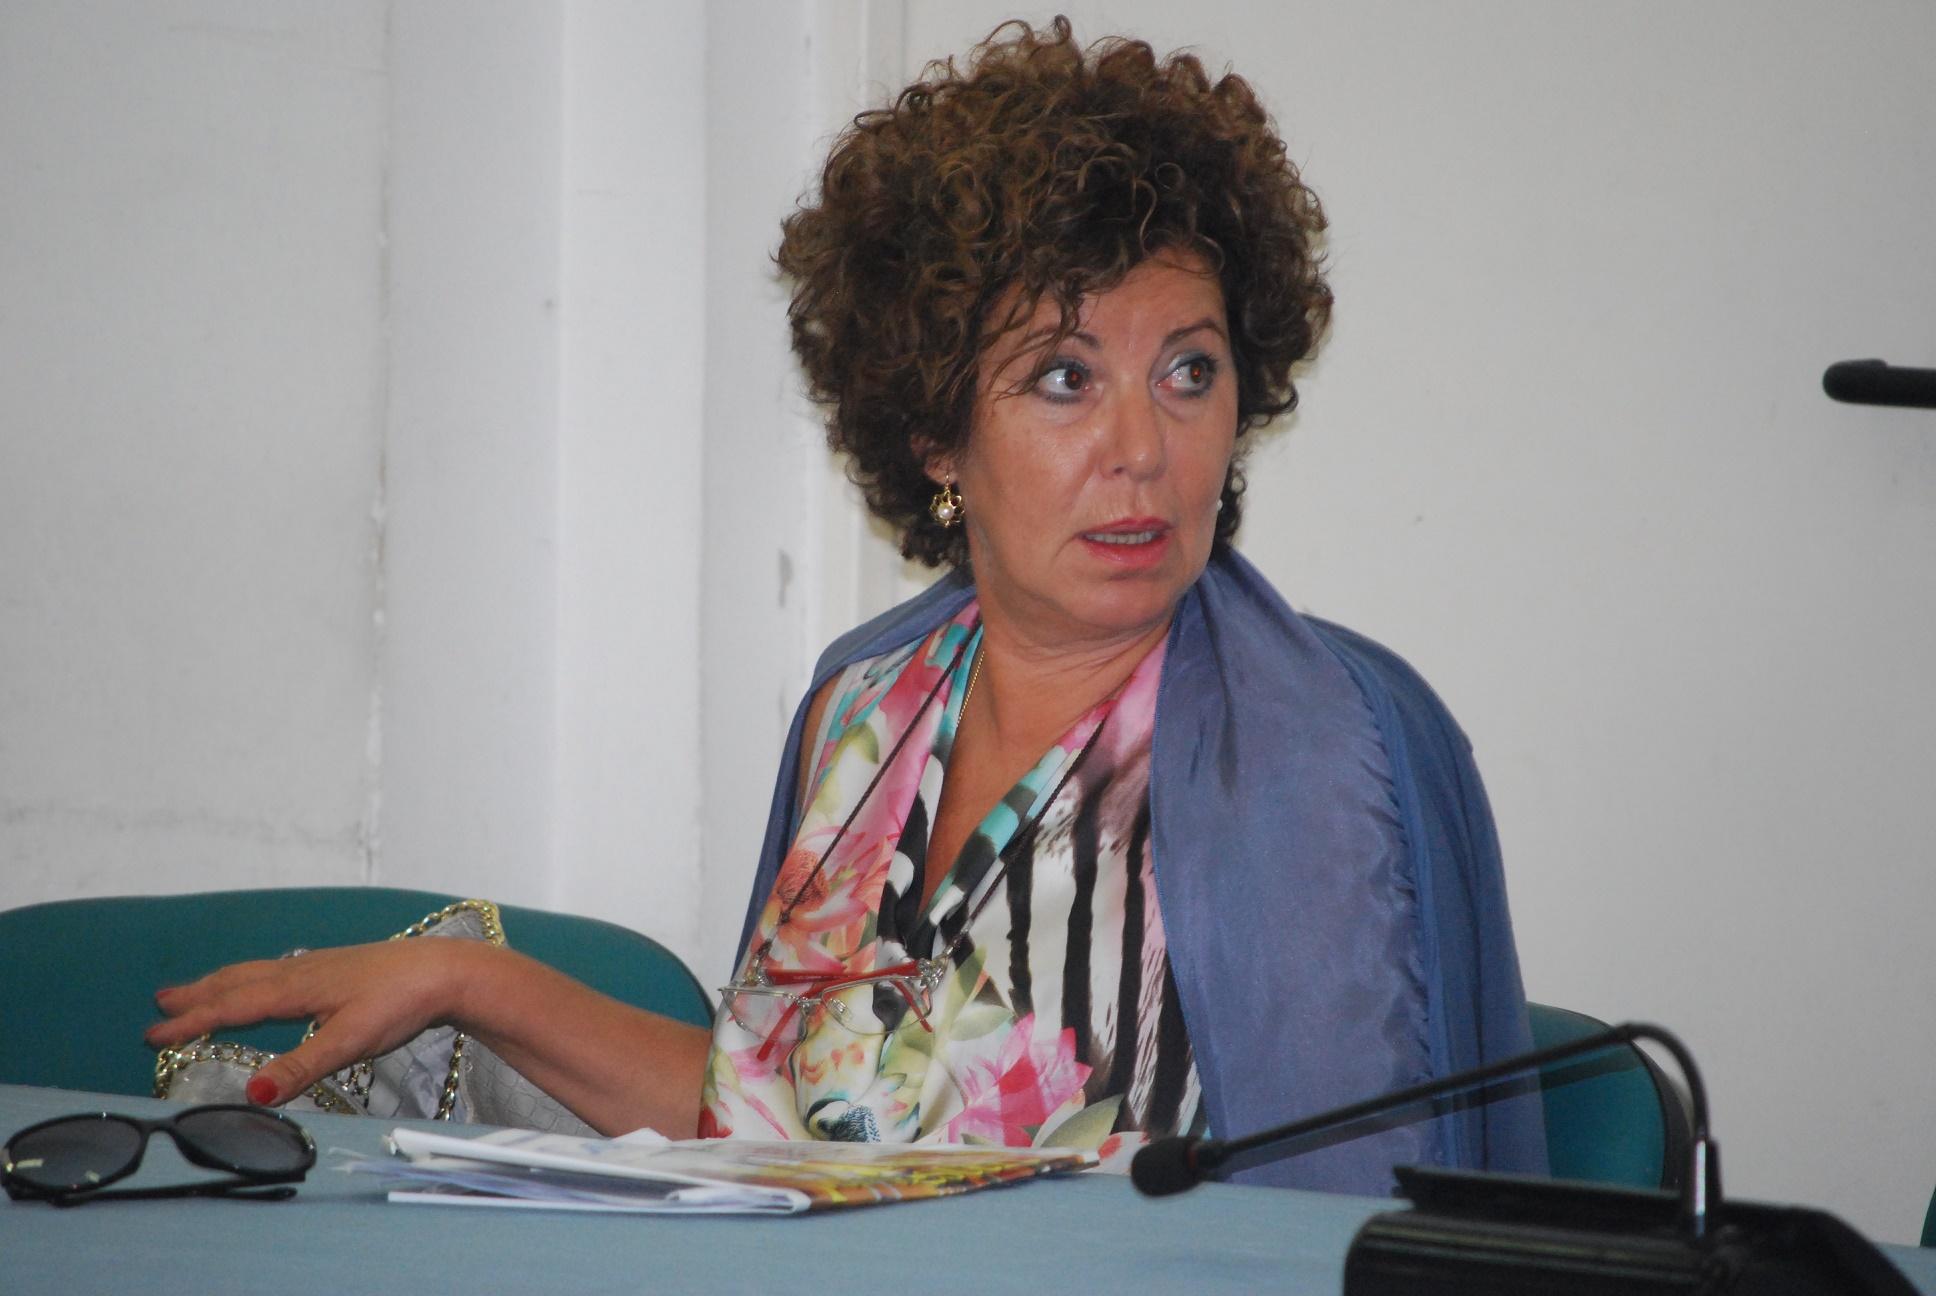 """Niente eventi di Natale a Guidonia, Salomone: """"La colpa è dei commissari che snobbano le istanze della città"""""""